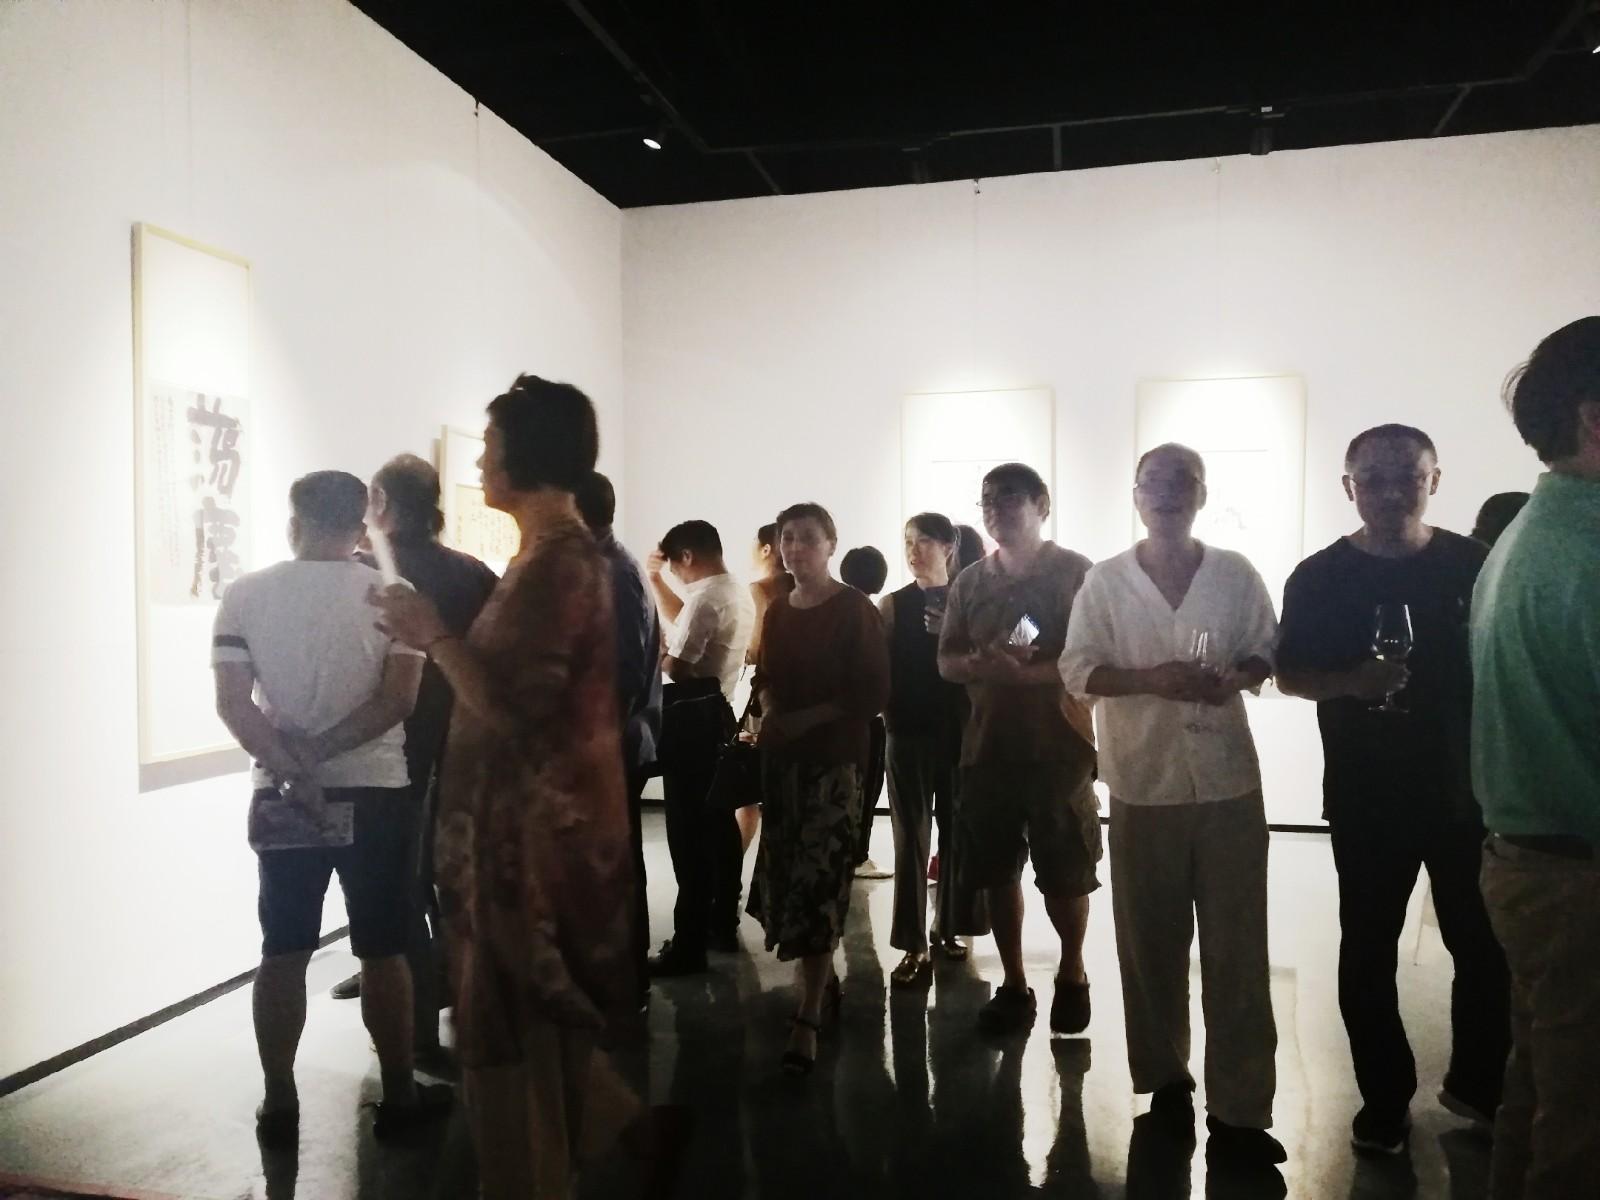 【展览】二十七楼---------优唐美术馆收藏展9月21号开幕